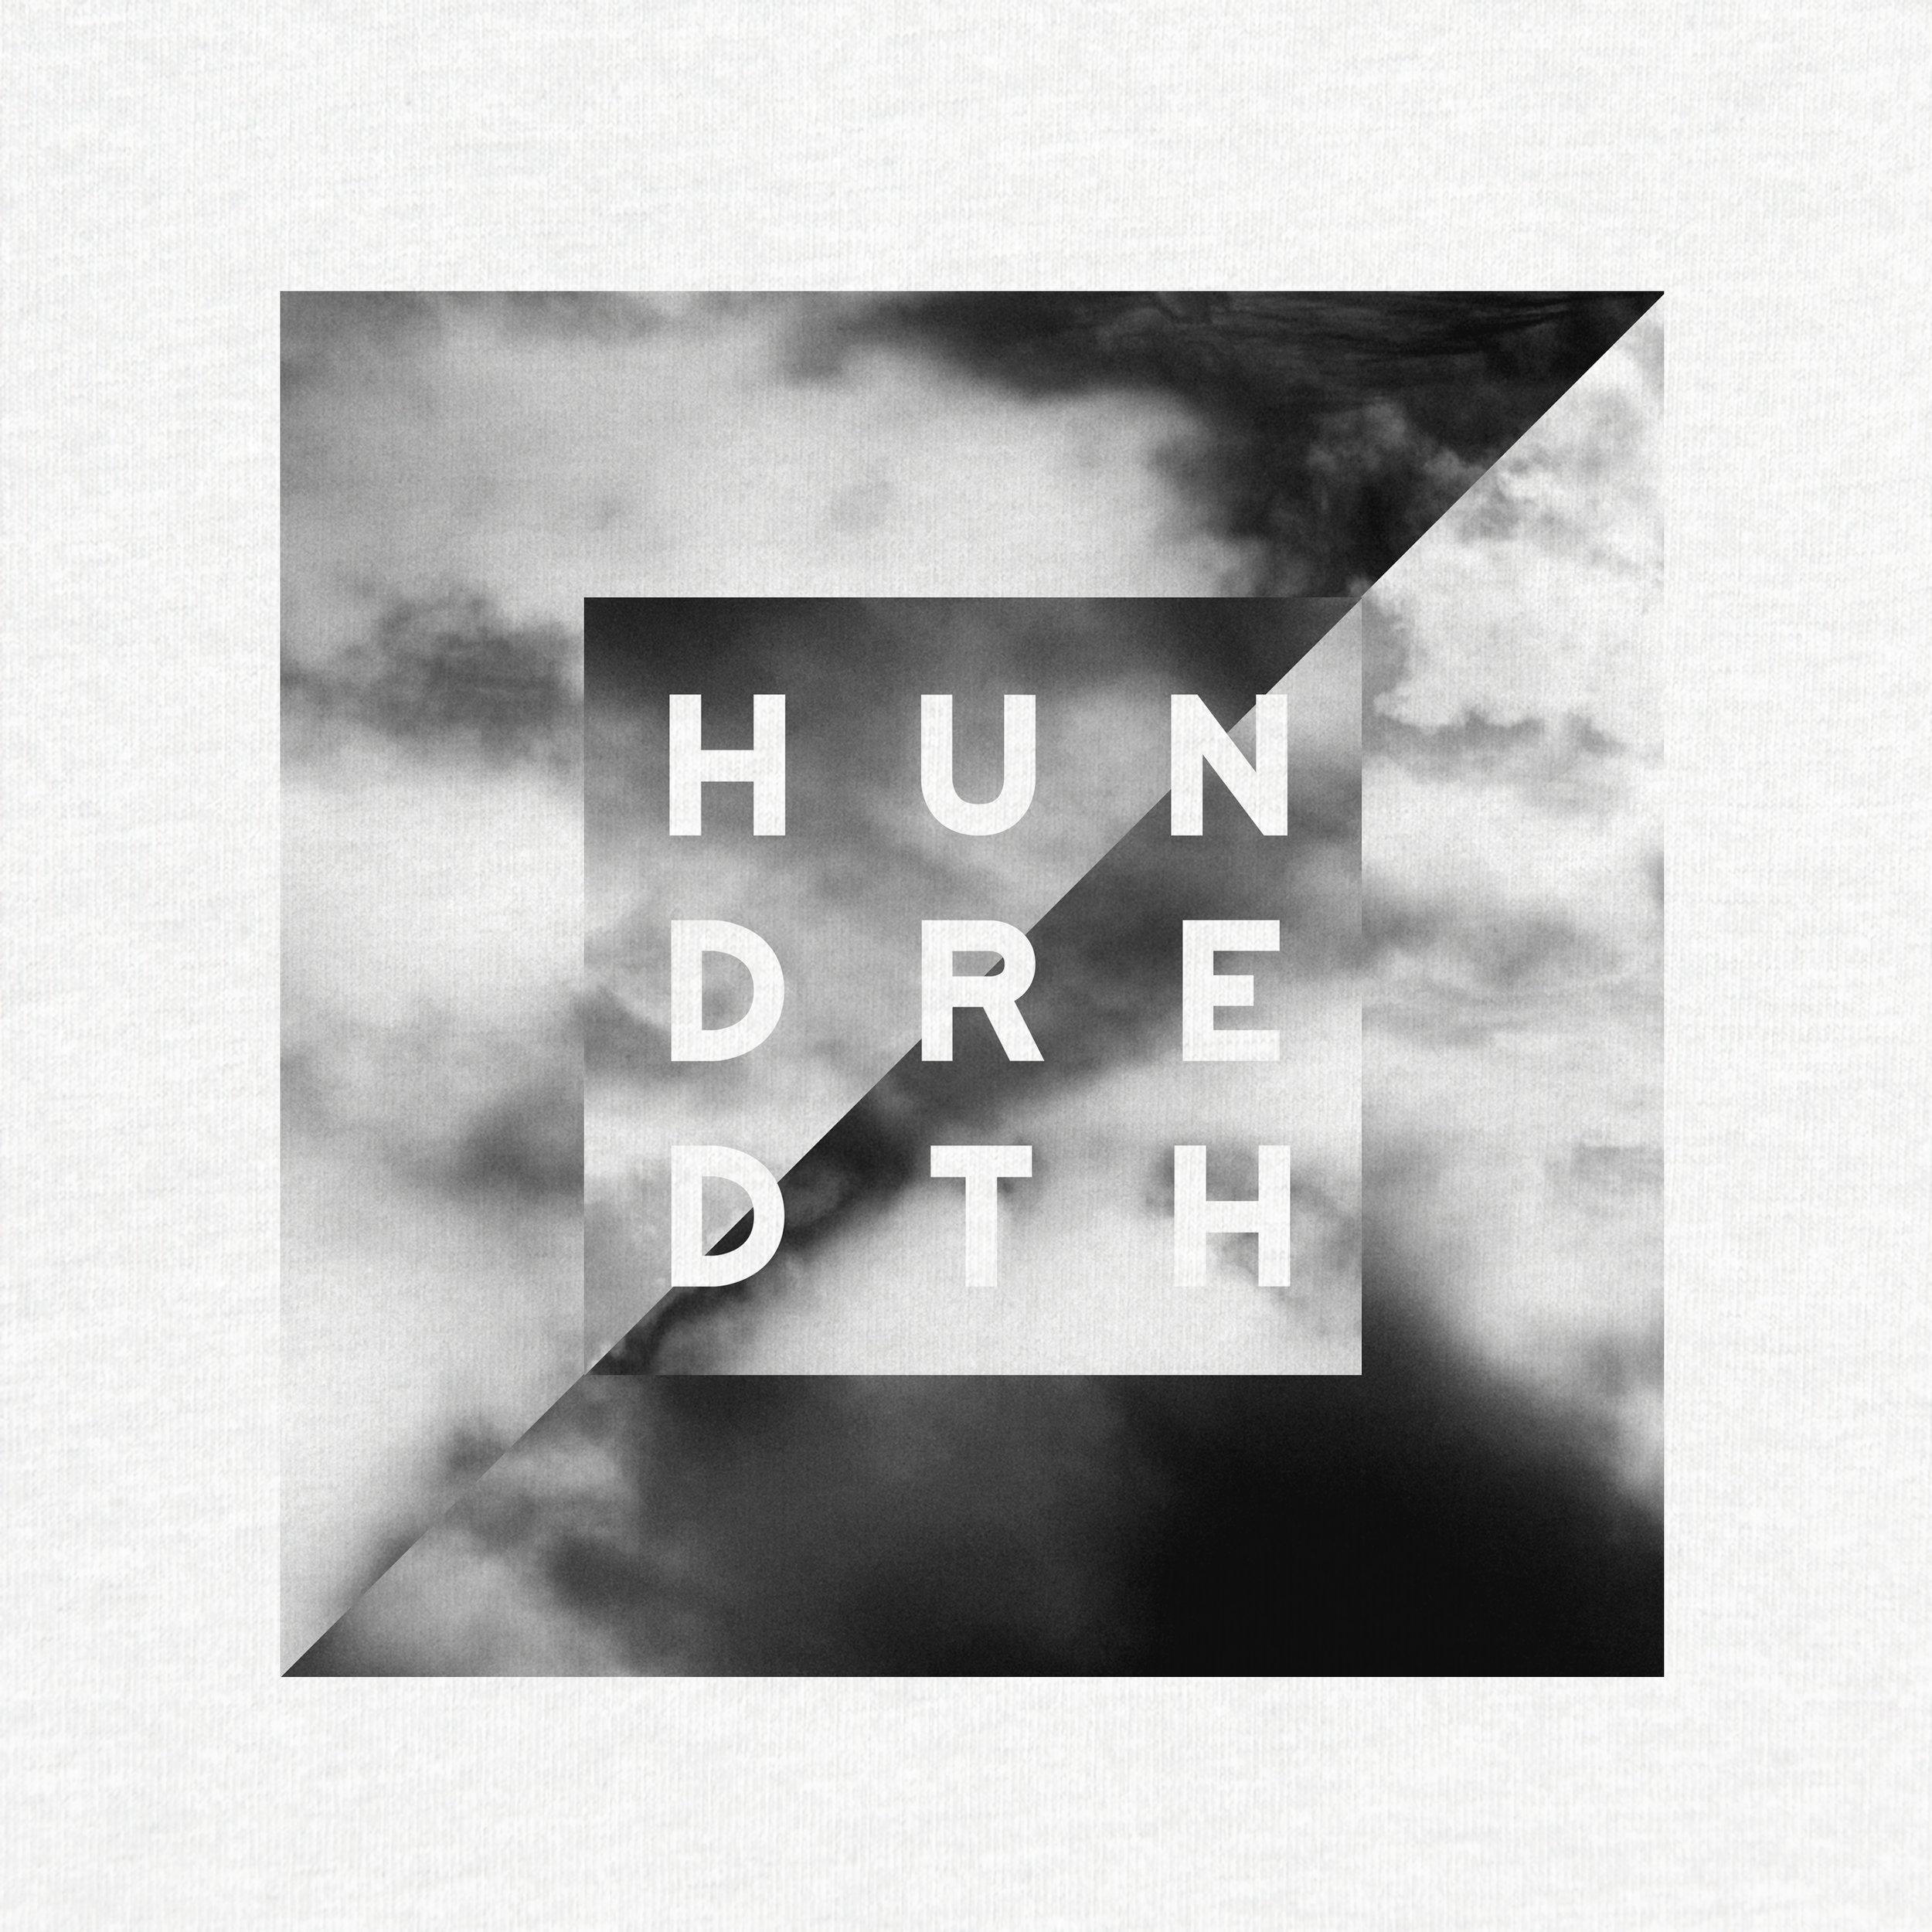 Hundredthsite2.jpg